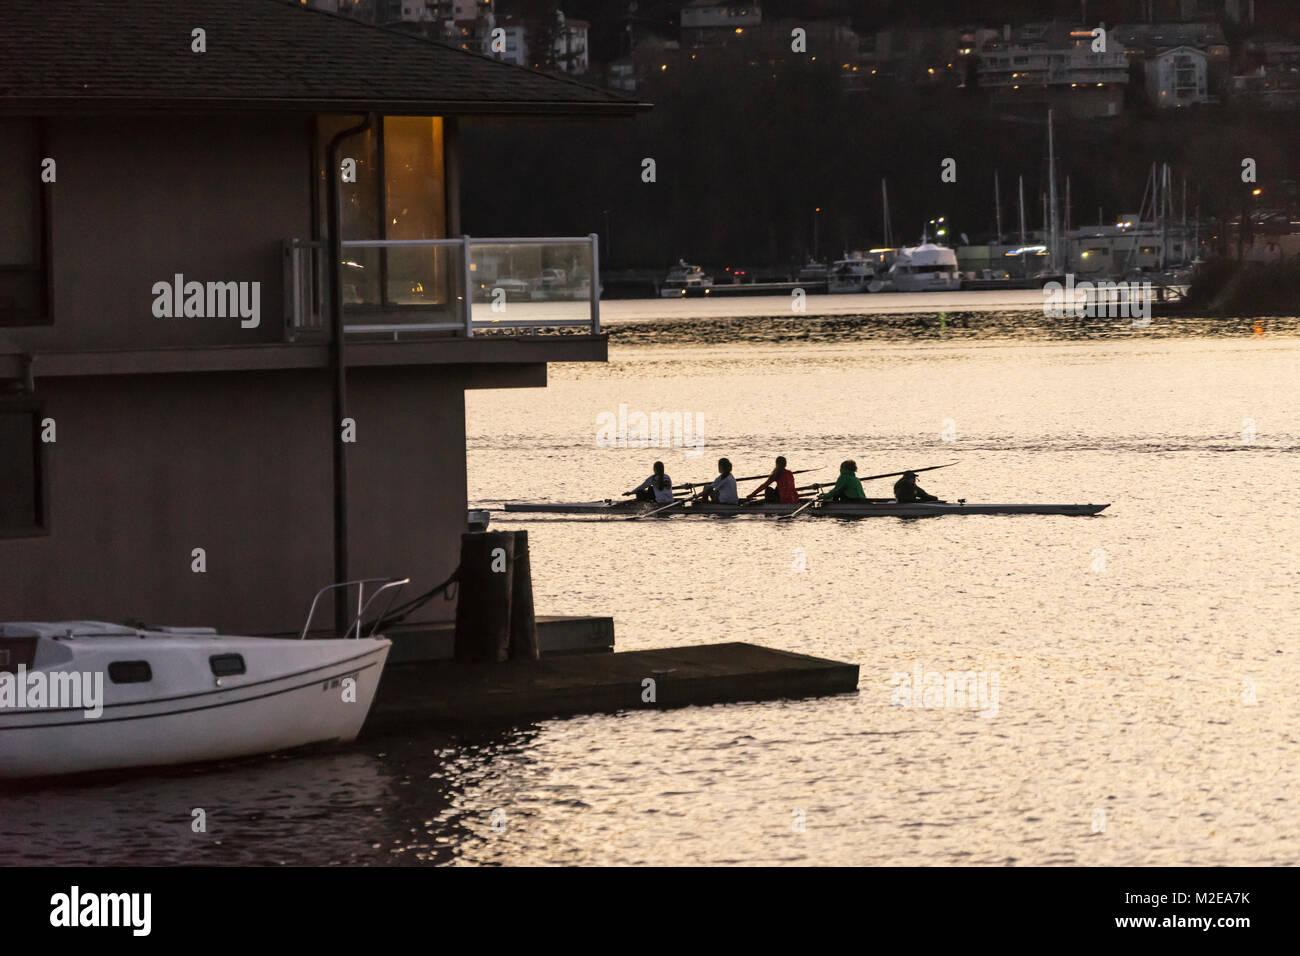 United States, Washington, Seattle, Women rowing on Lake Uniion at dusk - Stock Image